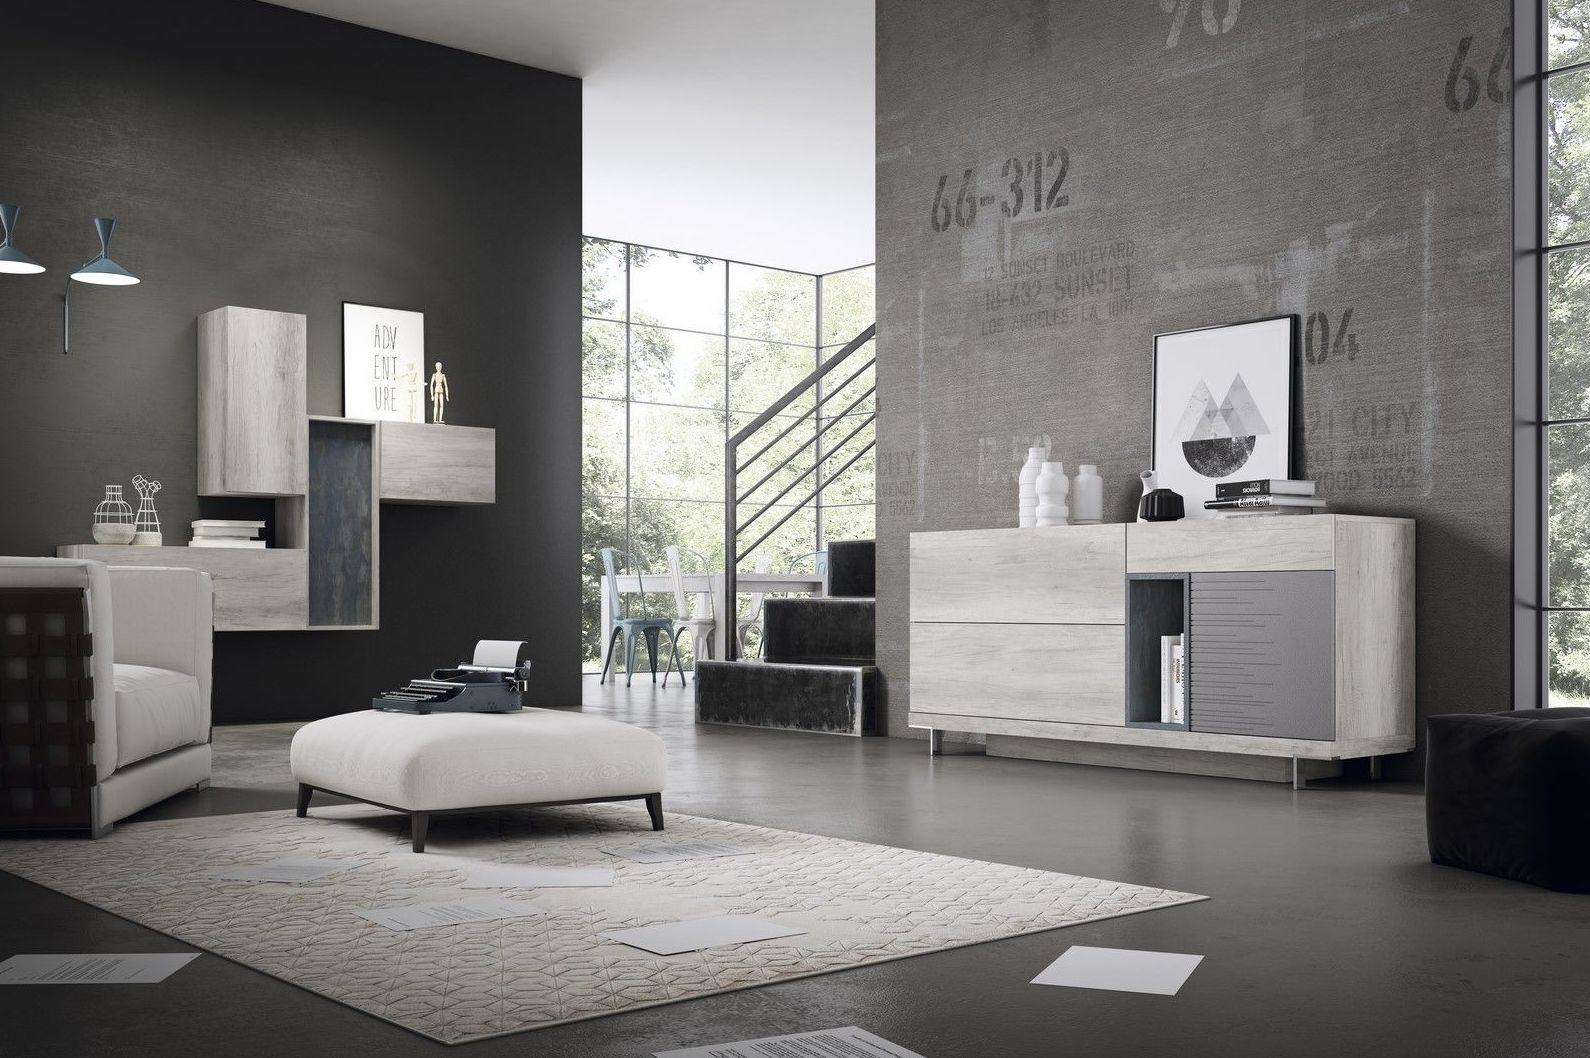 Foto 34 de Muebles y decoración en València | ilumueble